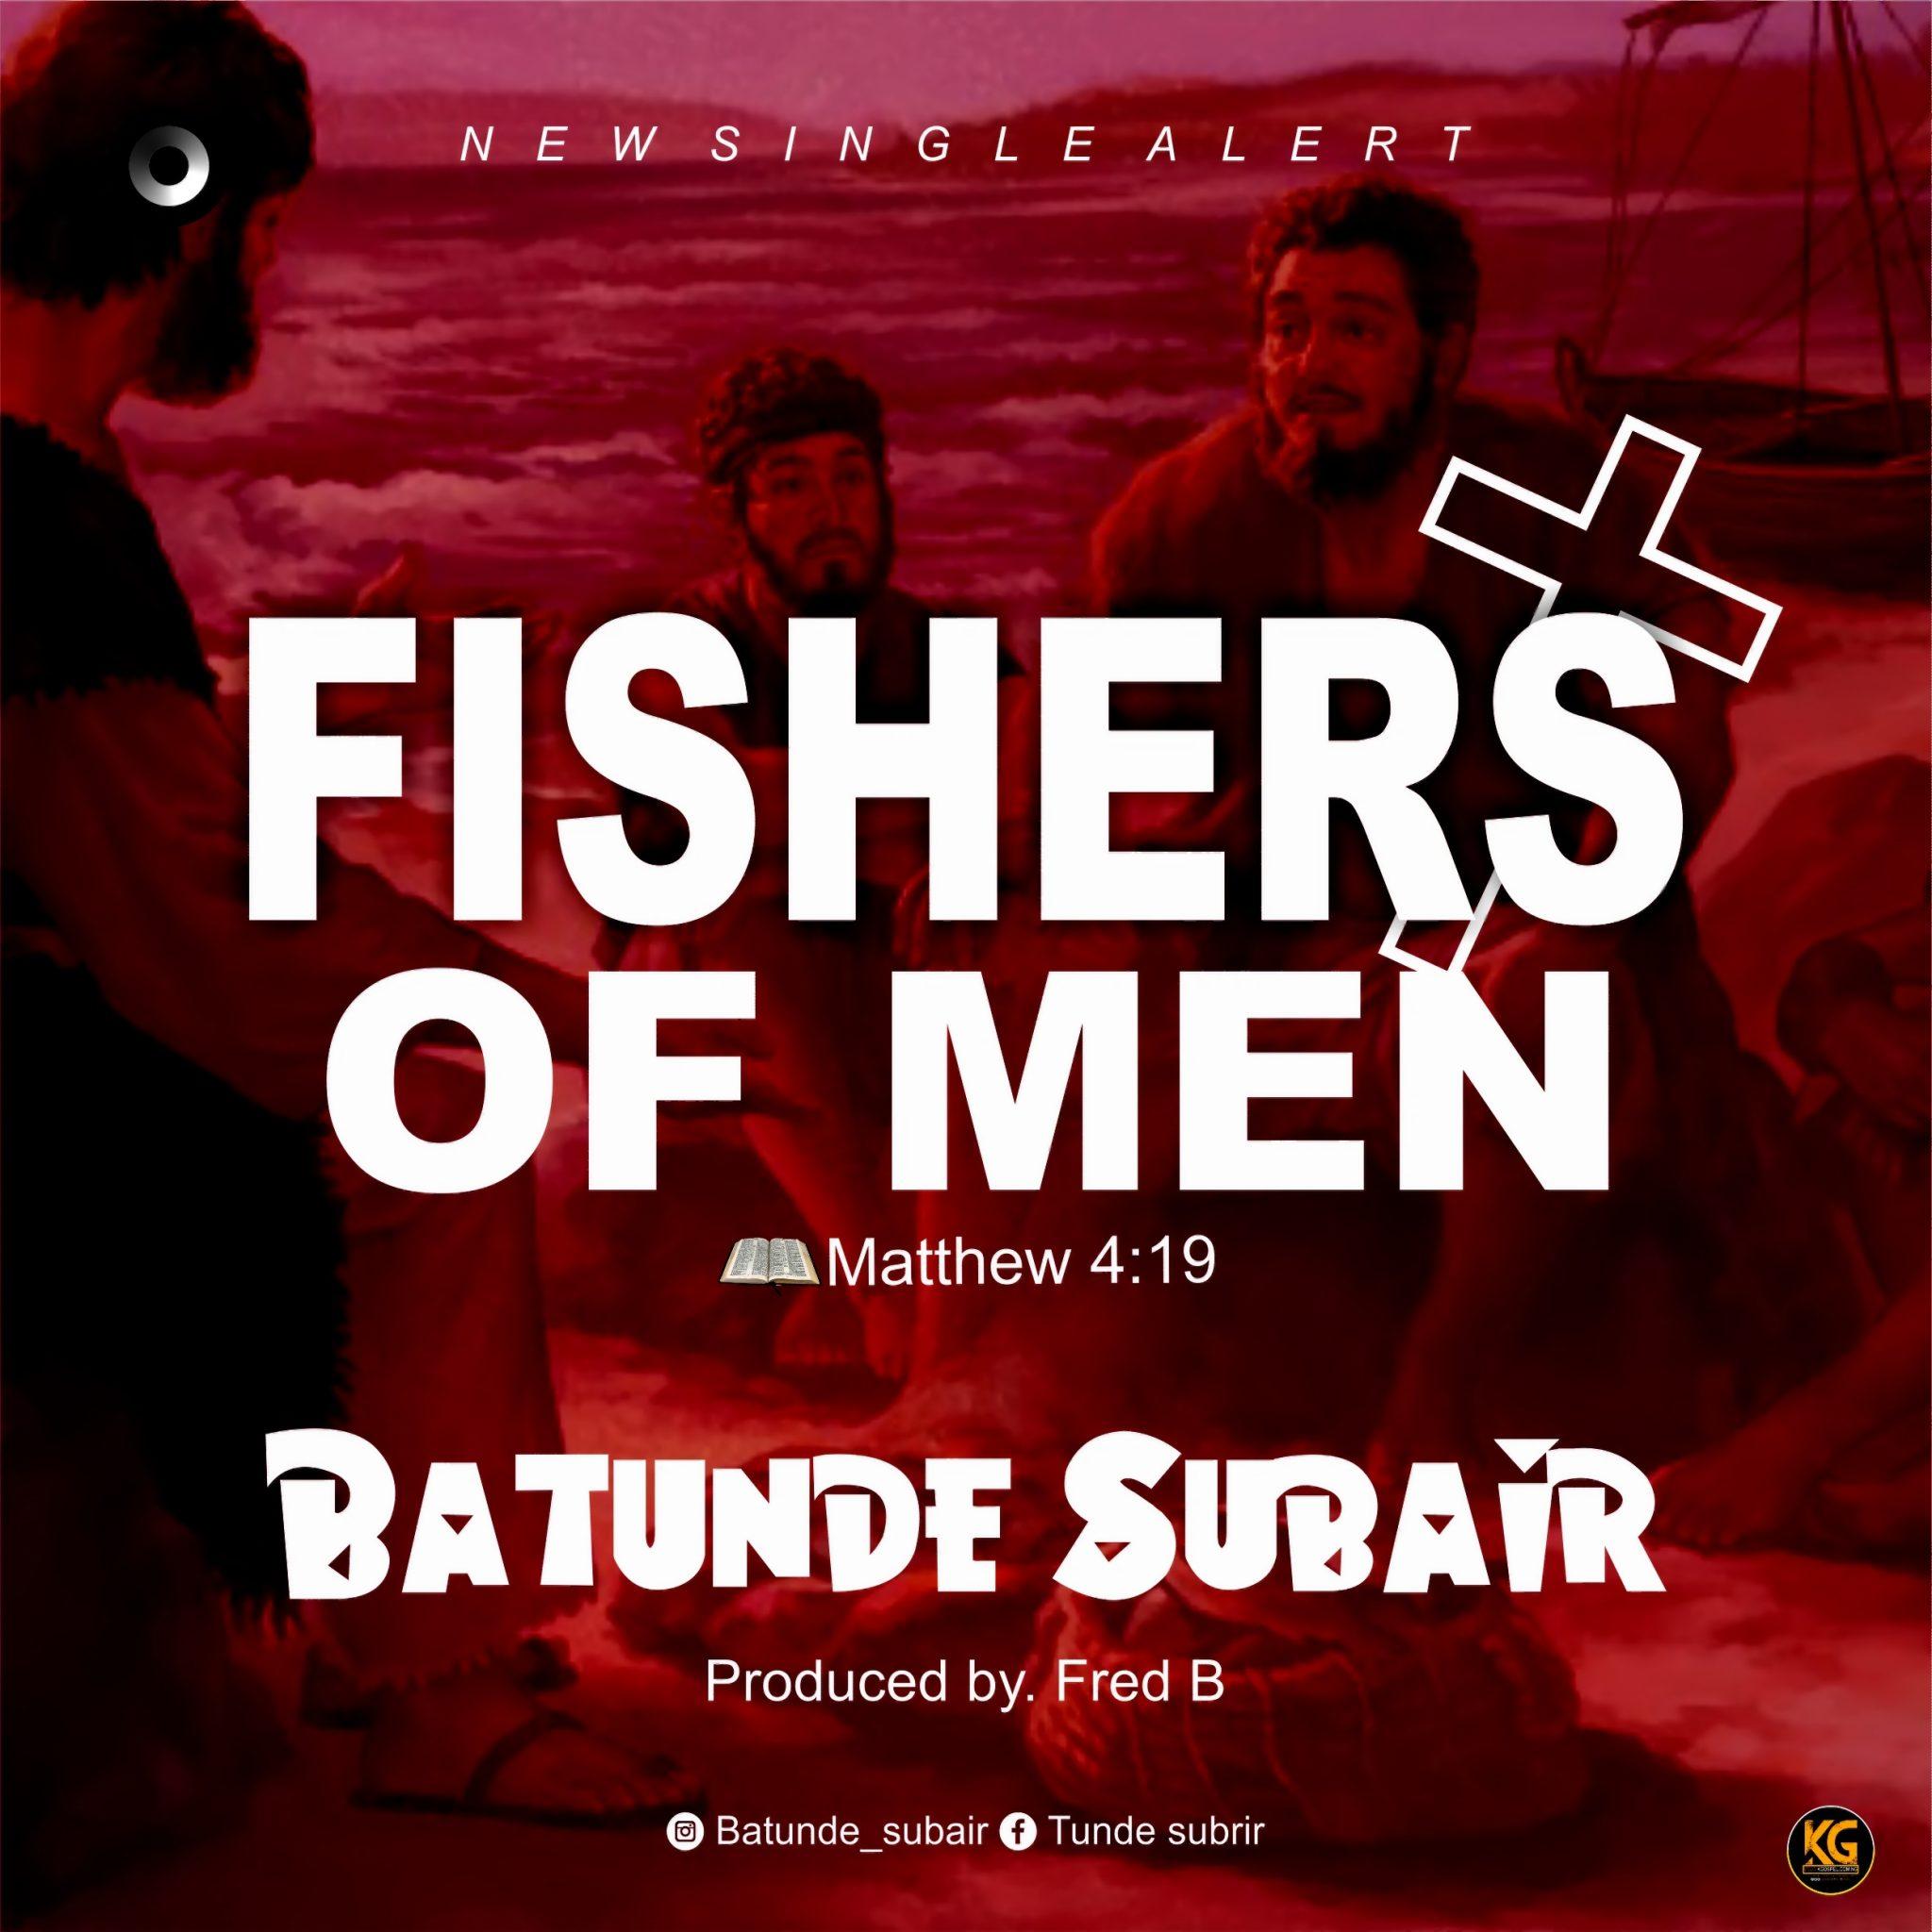 Batunde Subair - Fishers of Men